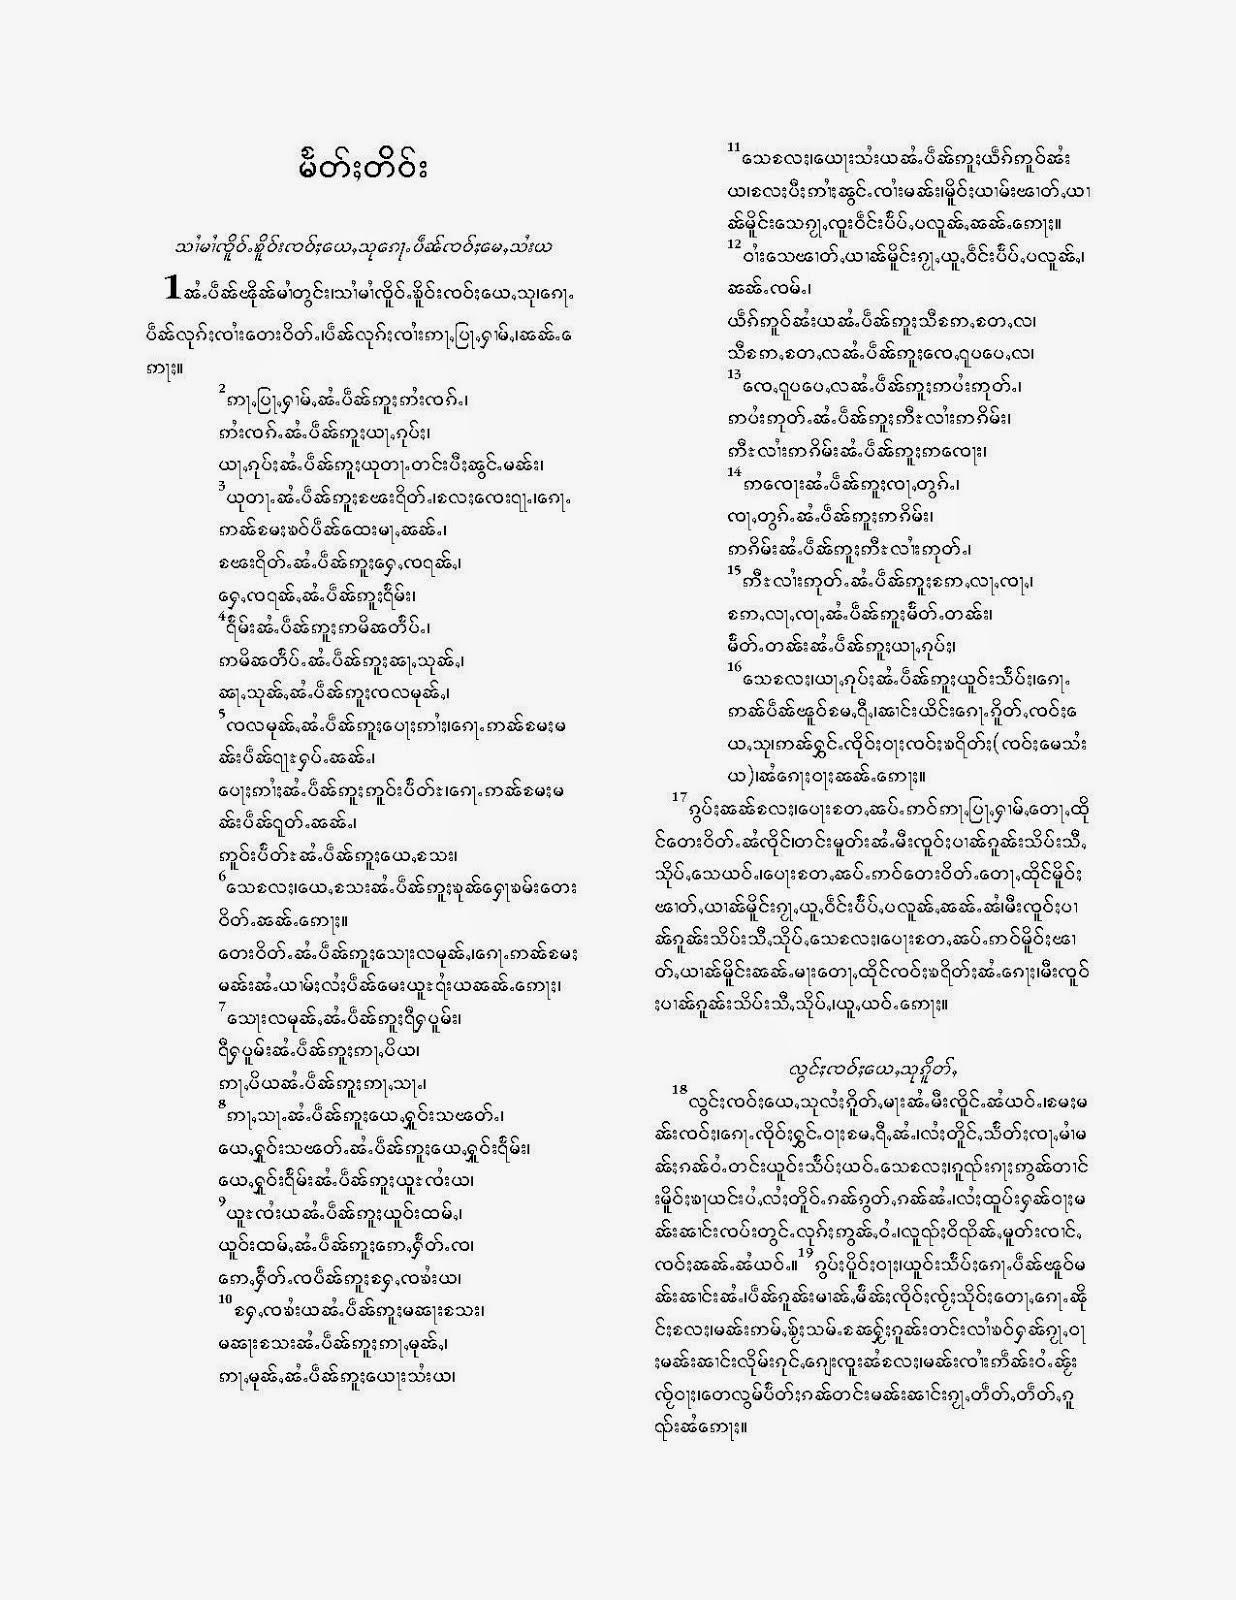 MATTHEW 1 - (Holy Bible in Tai Language)